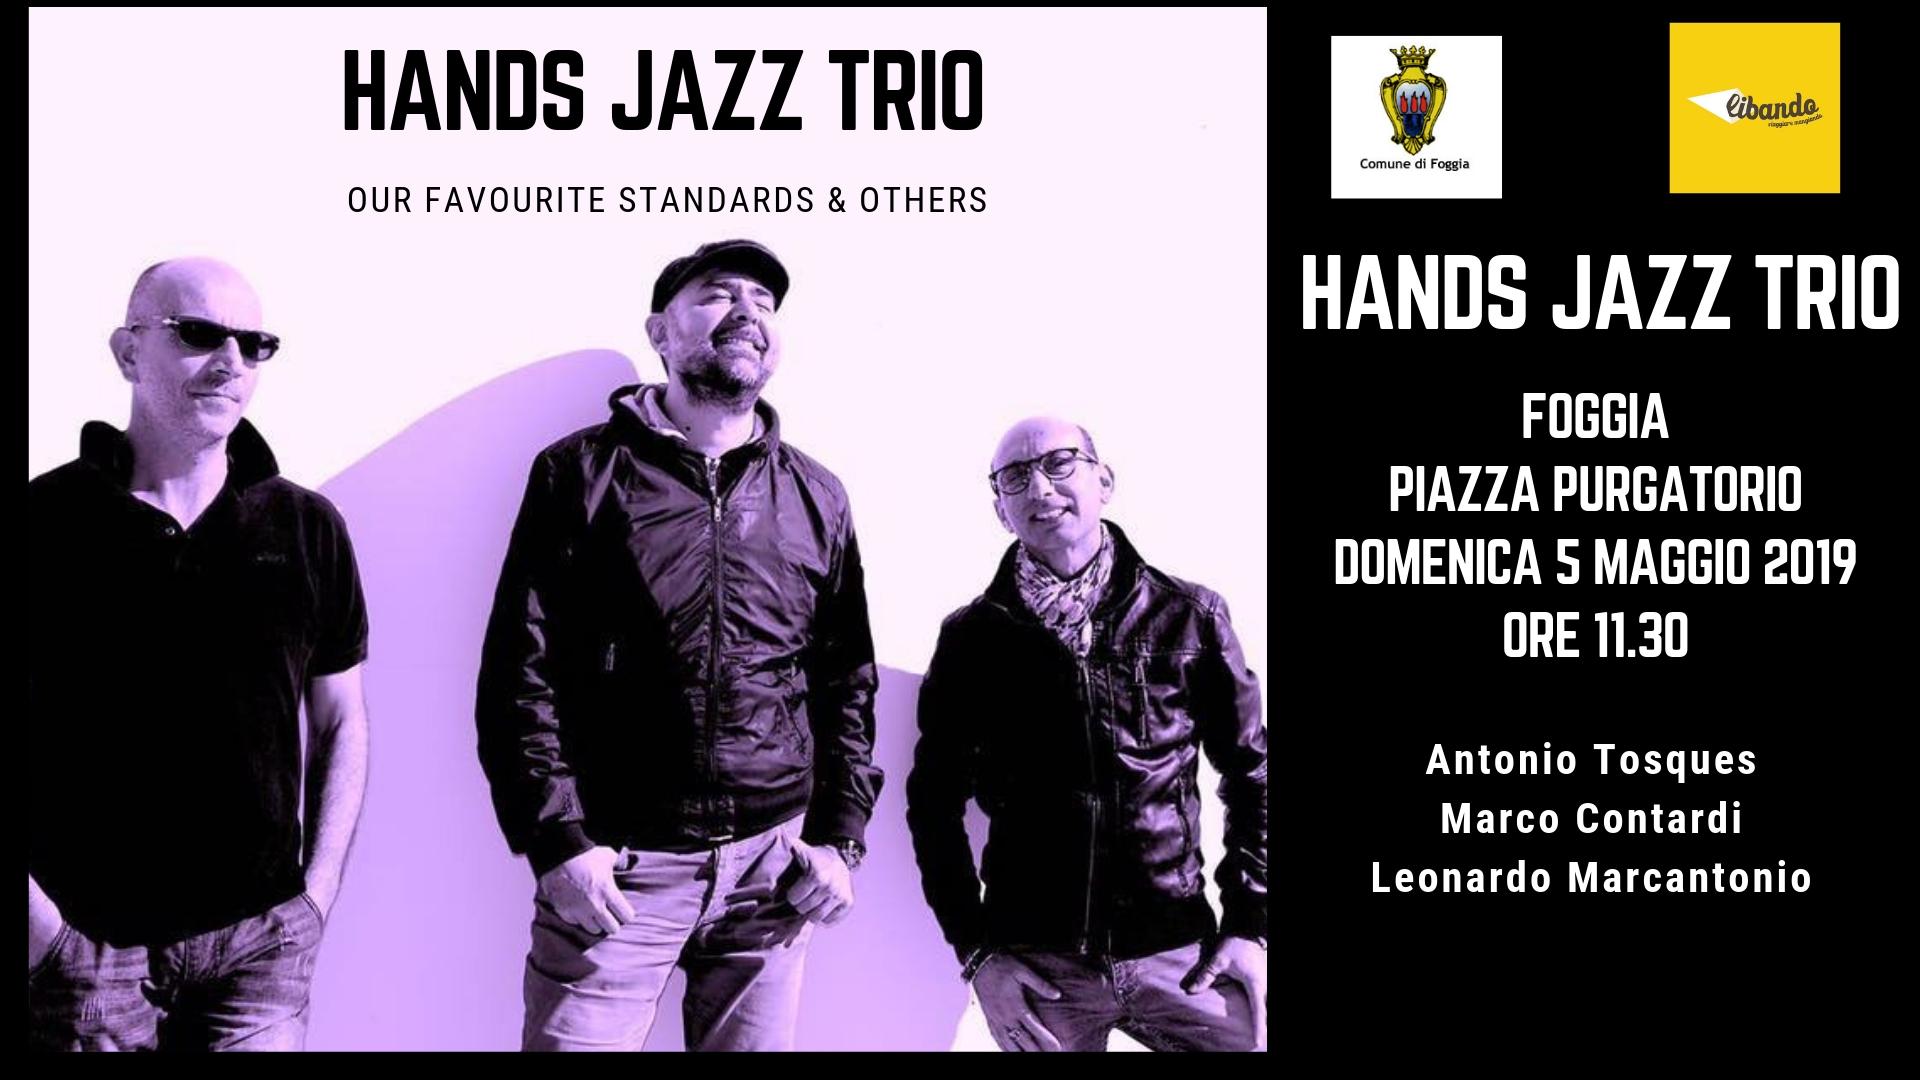 HANDS JAZZ TRIO: MATINÈE DI LIBANDO CON I MUSICISTI FOGGIANI TOSQUES, CONTARDI E MARCANTONIO